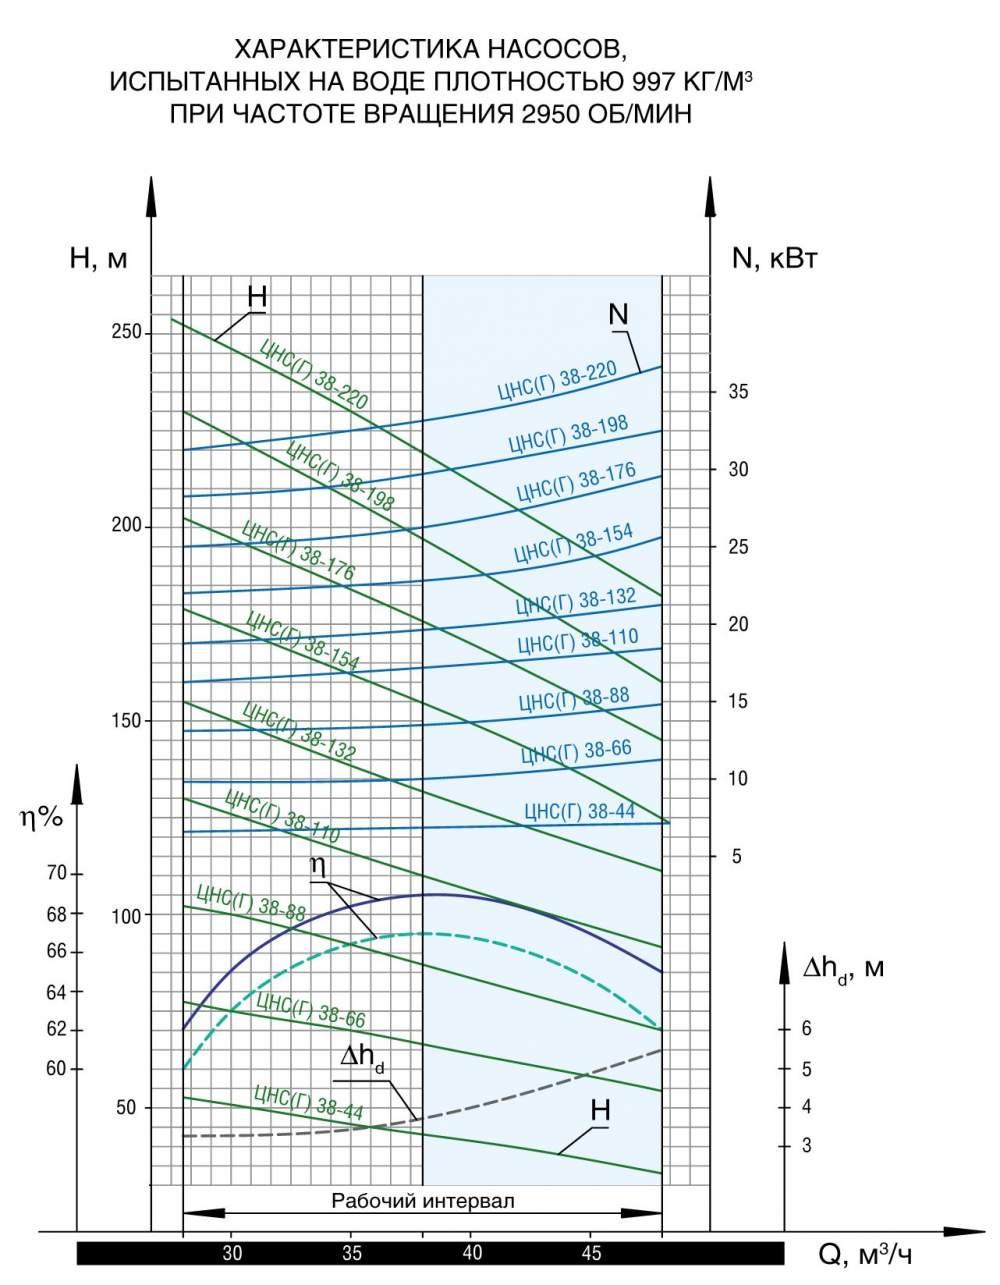 Напорная характеристика насоса ЦНС(Г) 38-176